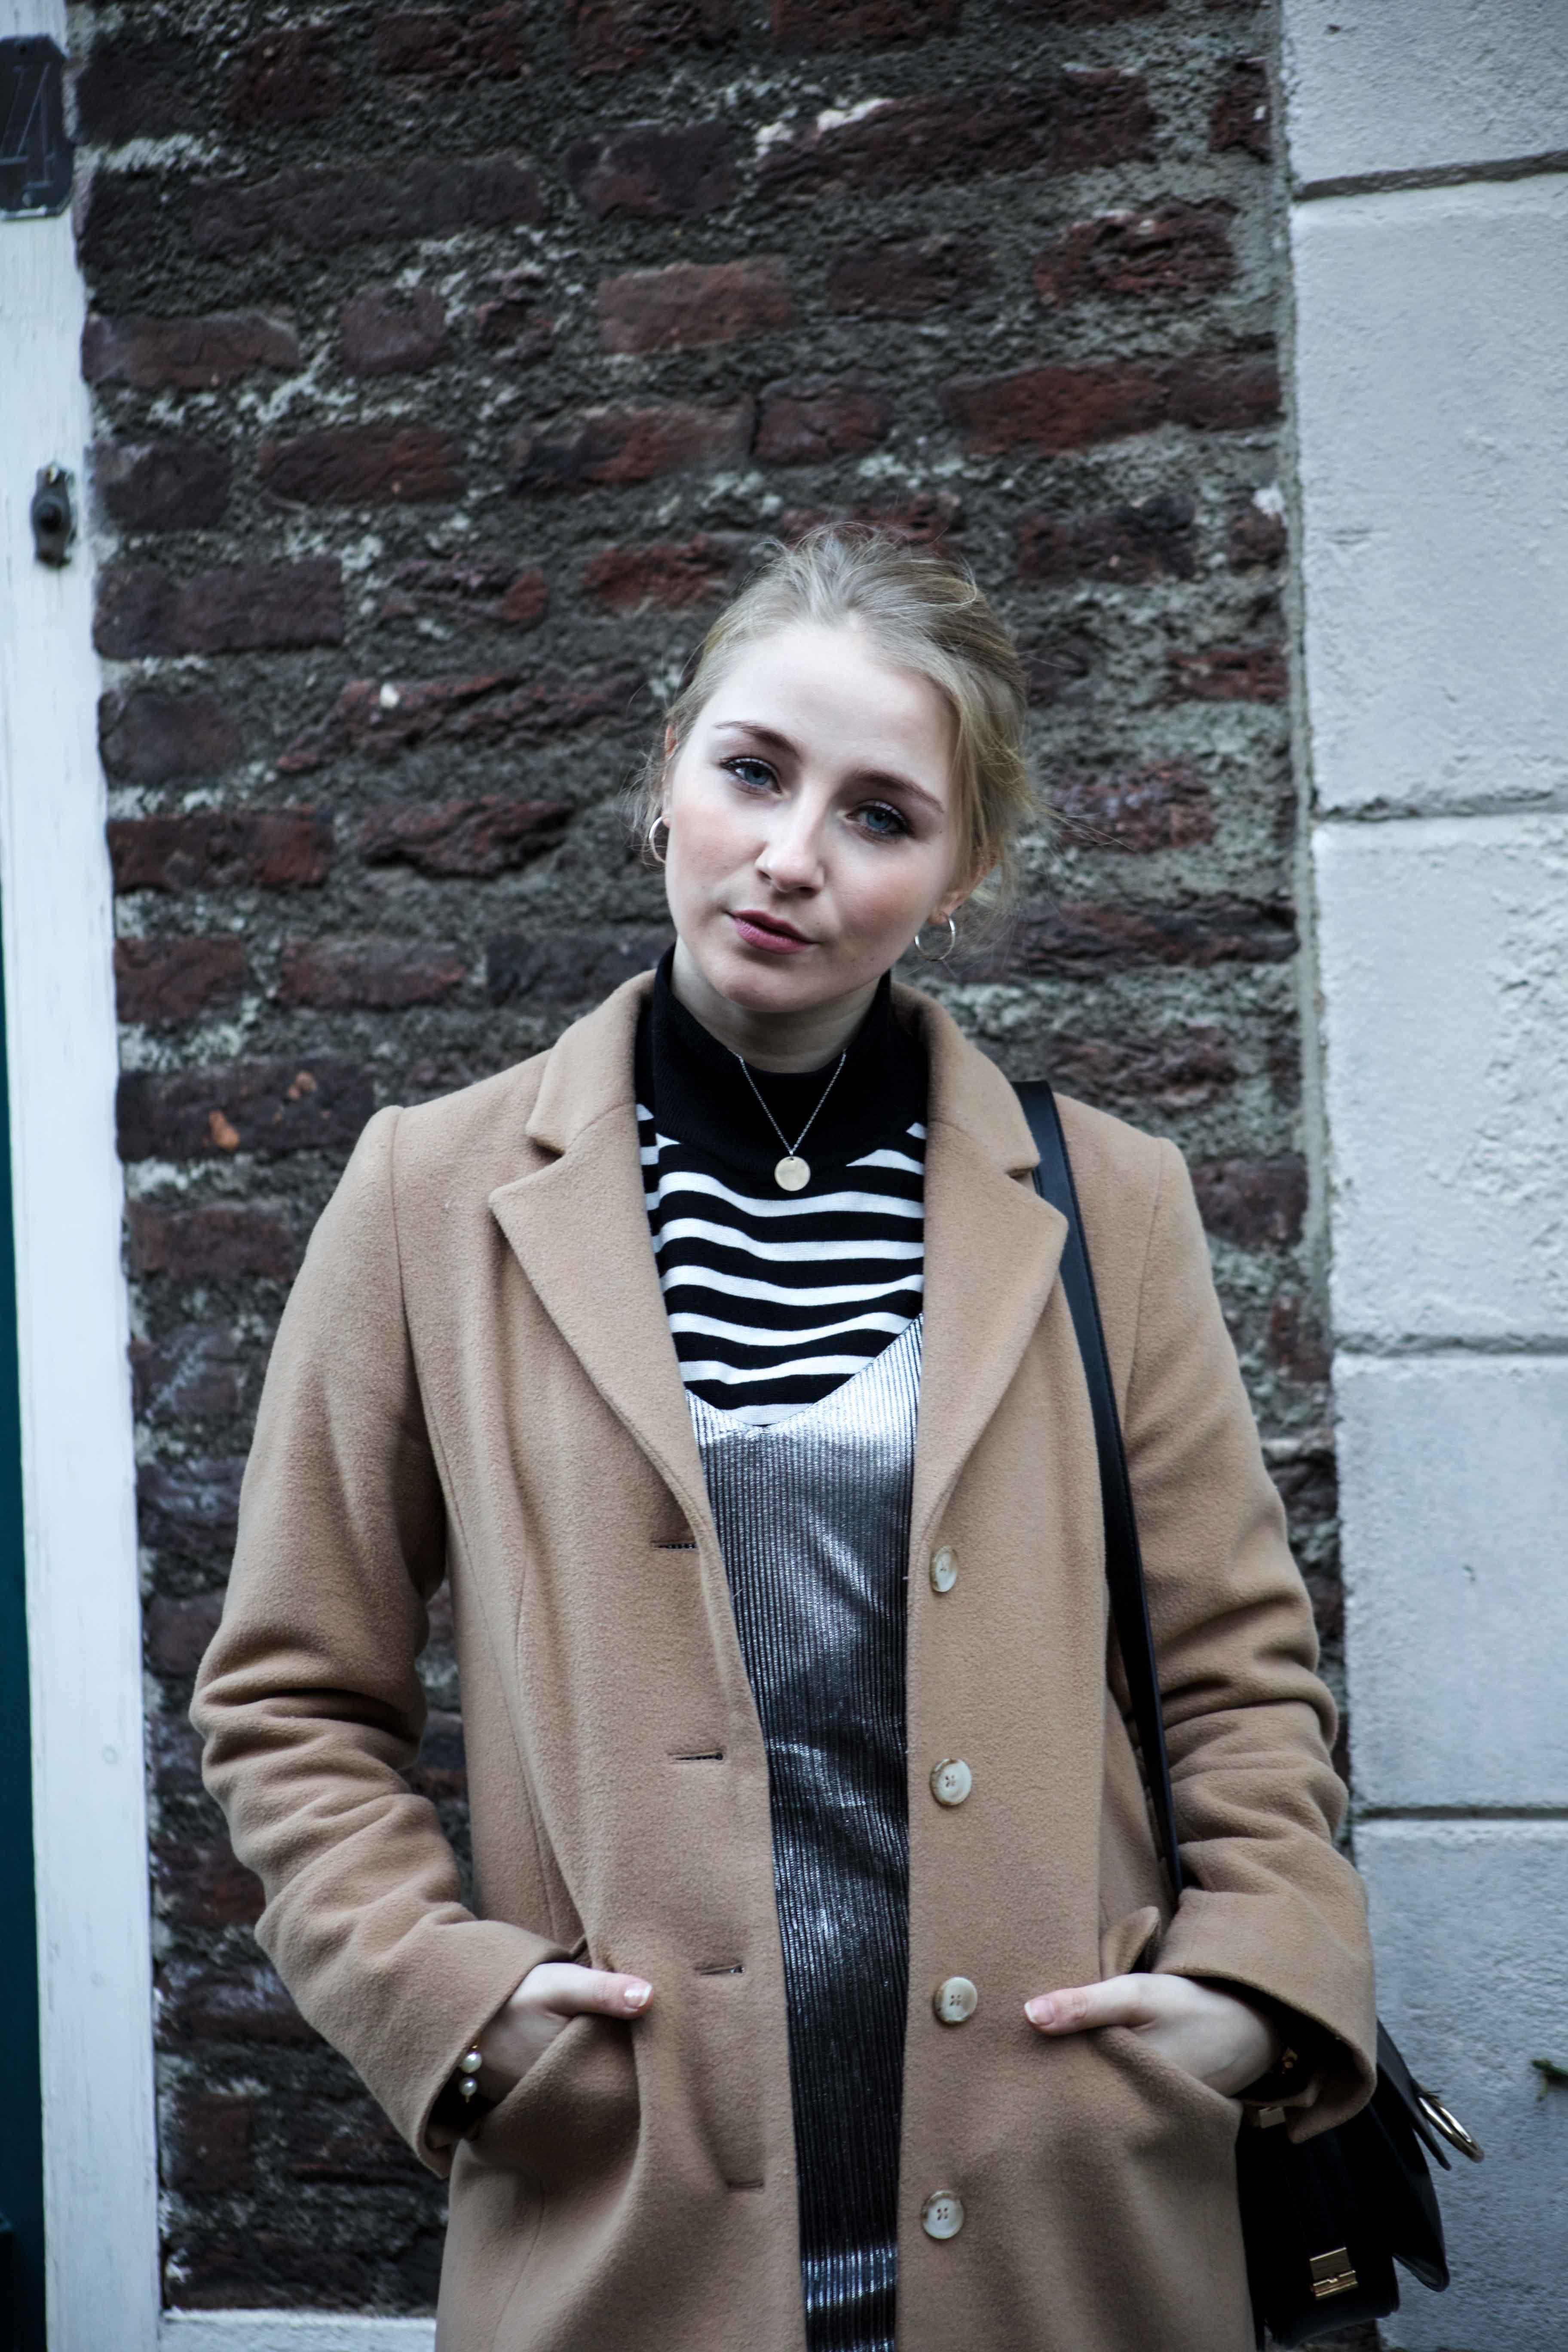 slip-dress-trend-hm-silber-spaghettitraeger-kleid_0338